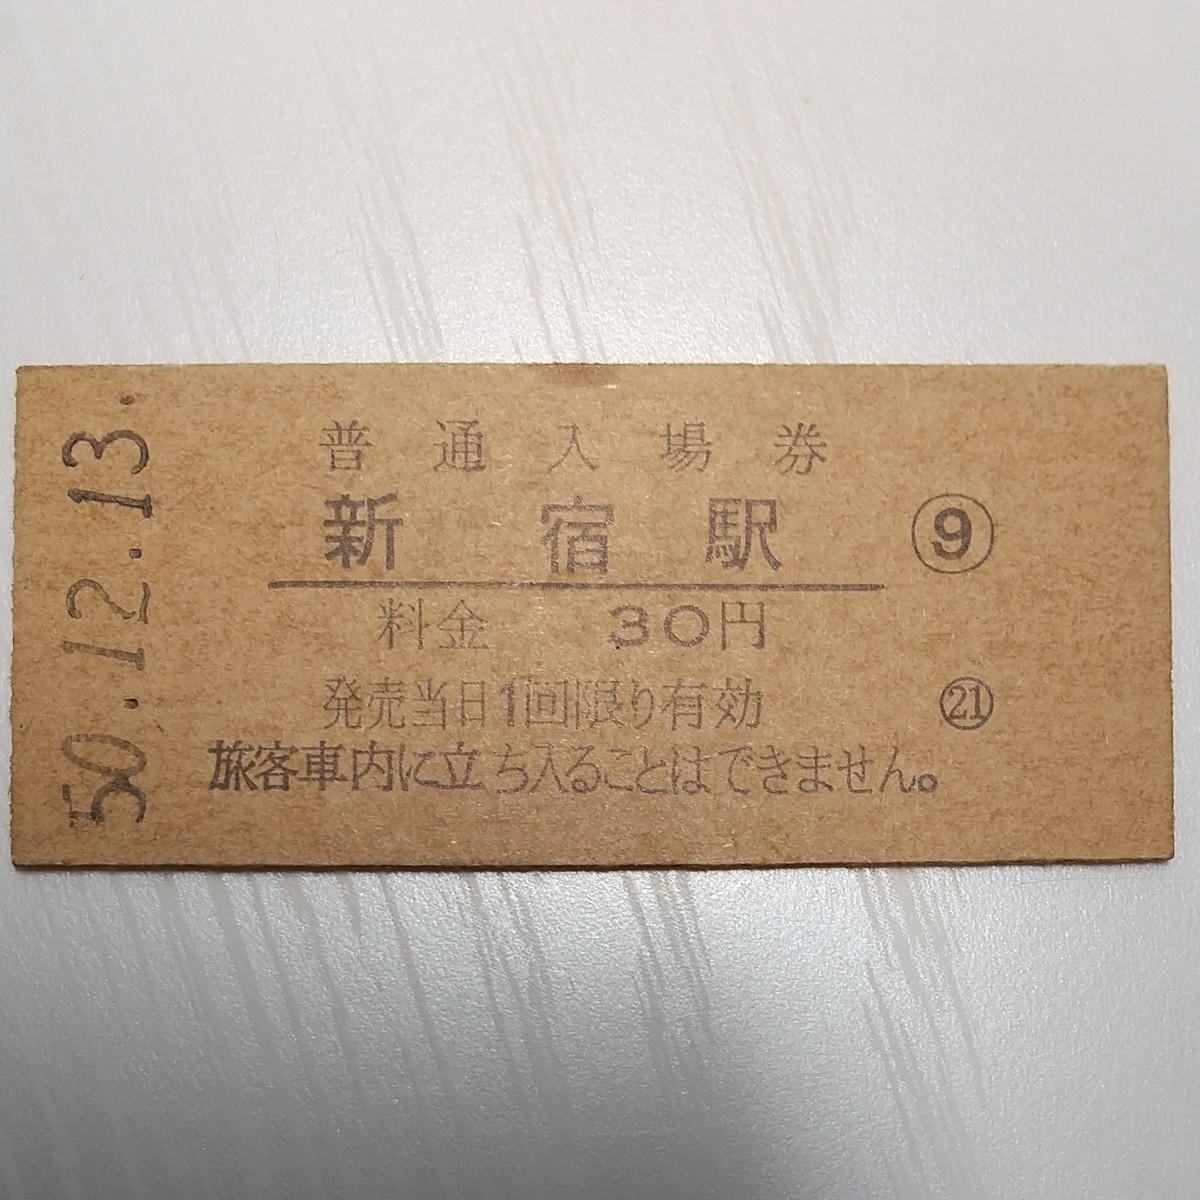 入場券 硬券 国鉄 新宿 JR東日本 使用済み